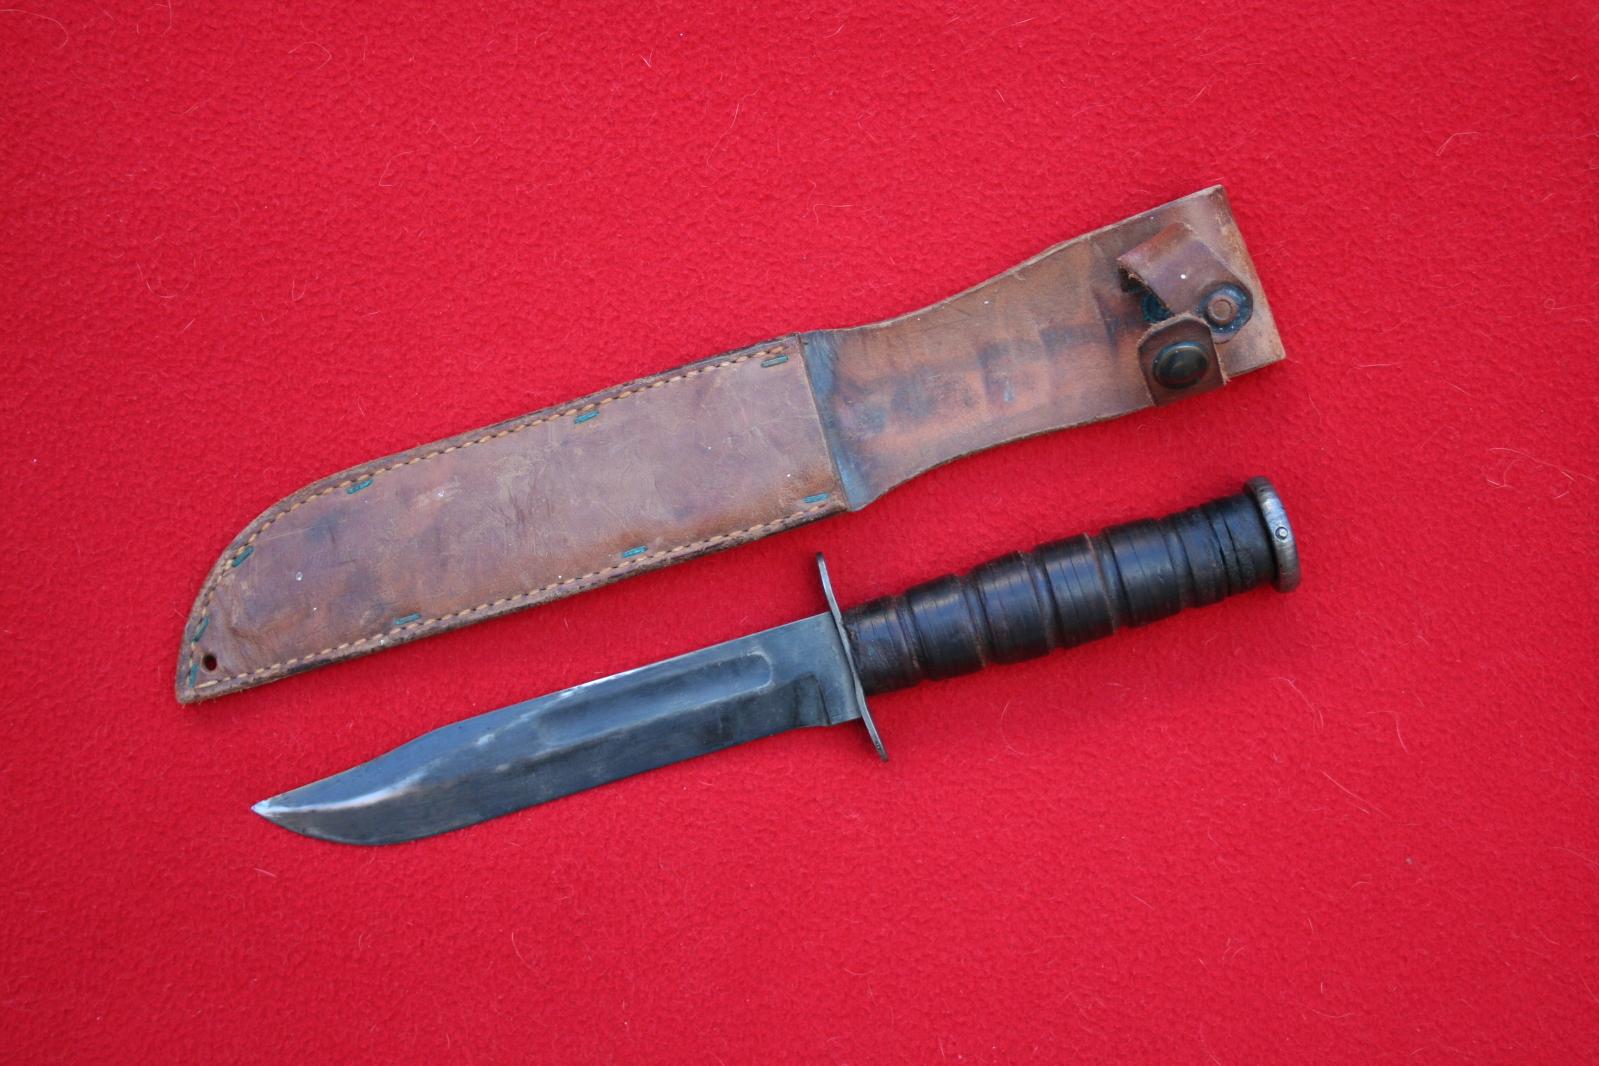 collection de lames de fabnatcyr (dague poignard couteau) - Page 5 Xbbz10